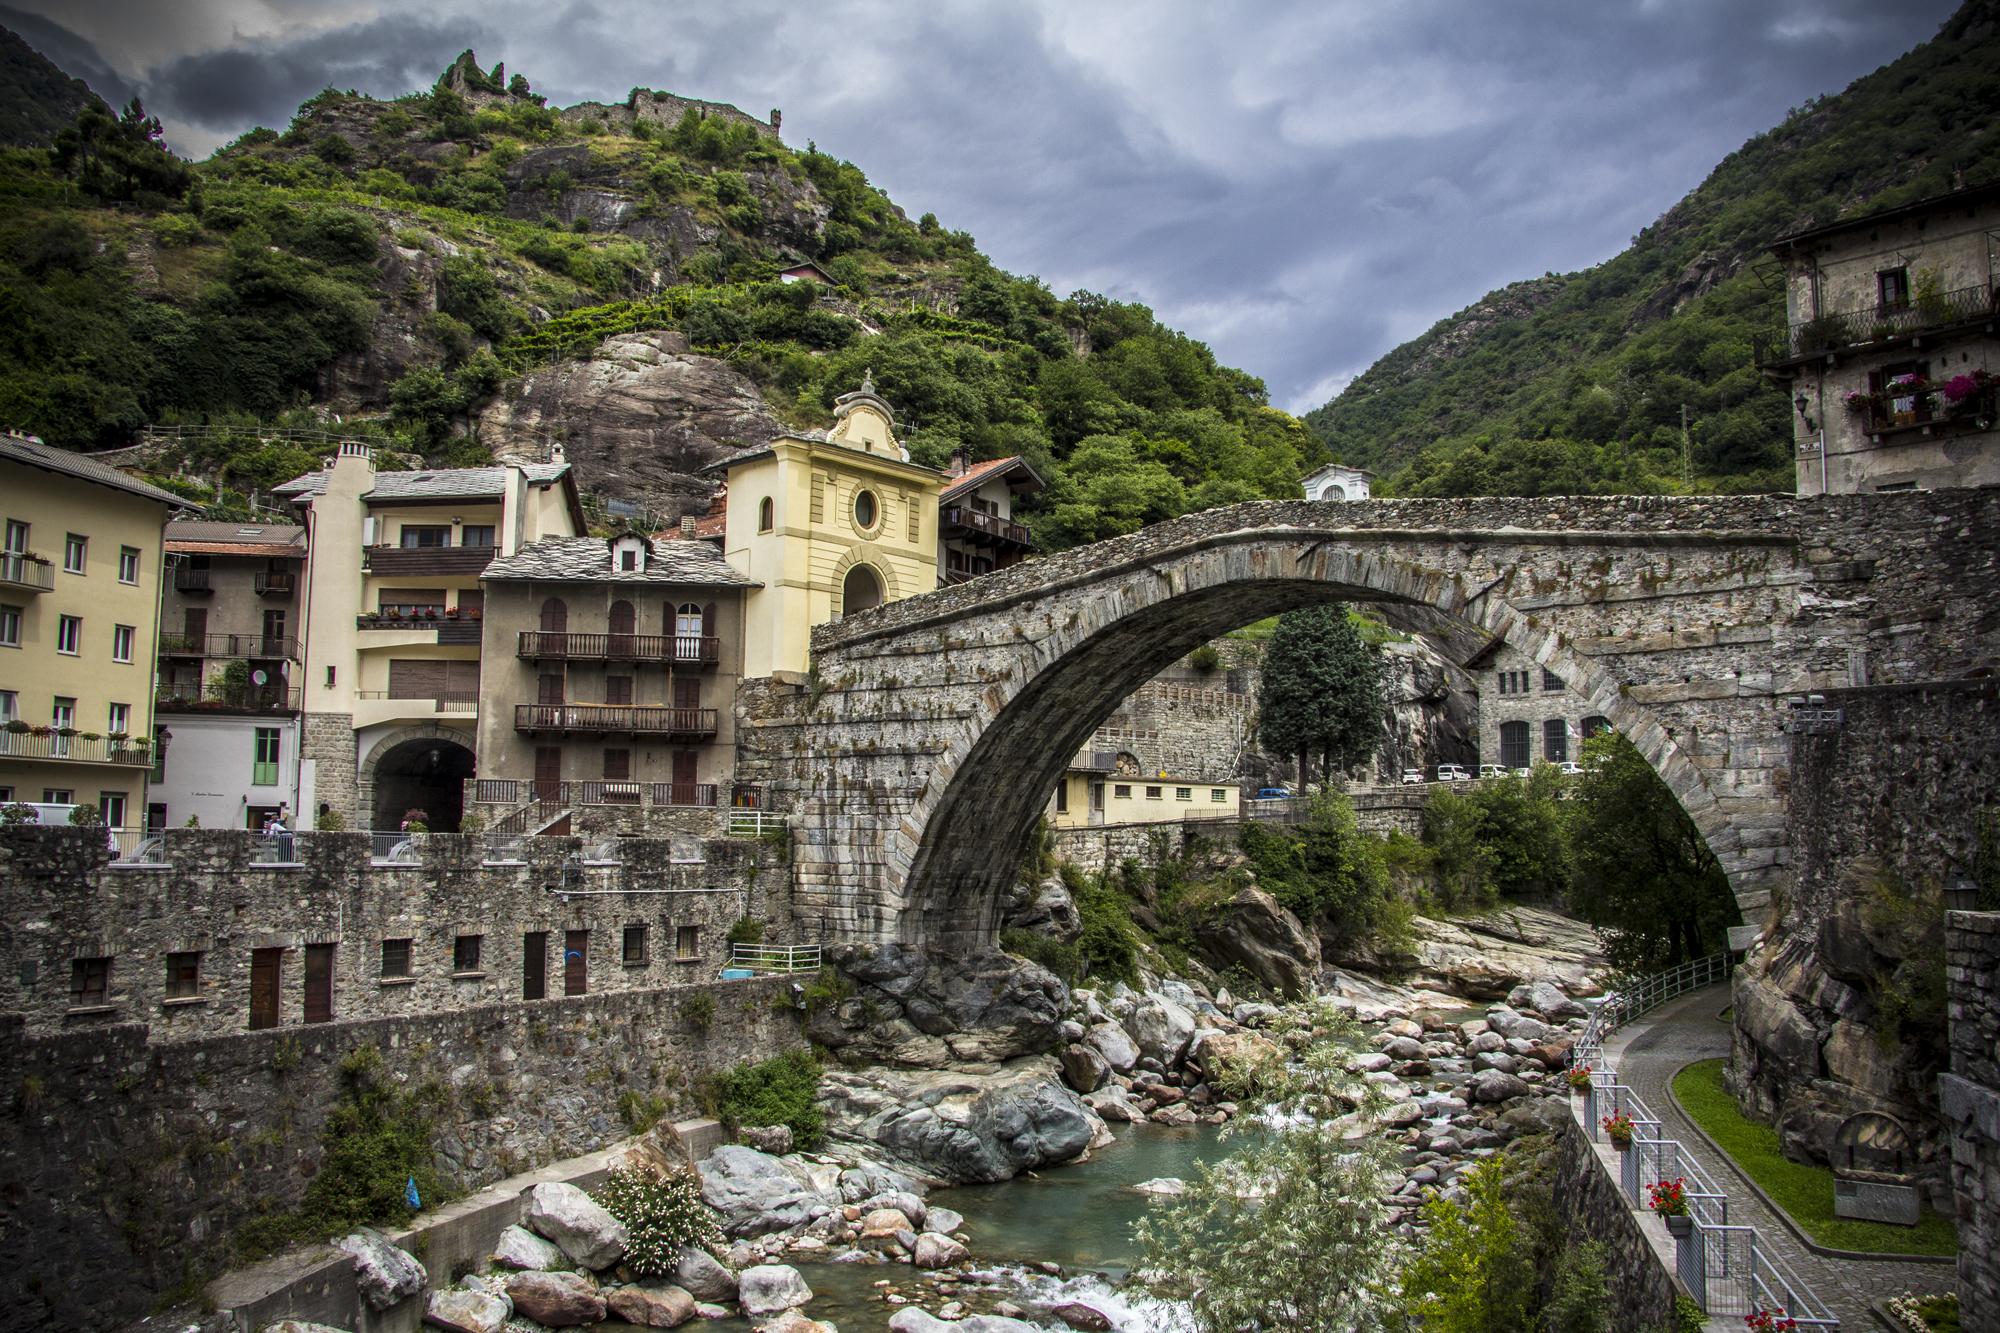 Alpenregion, Aostatal, Lago Maggiore